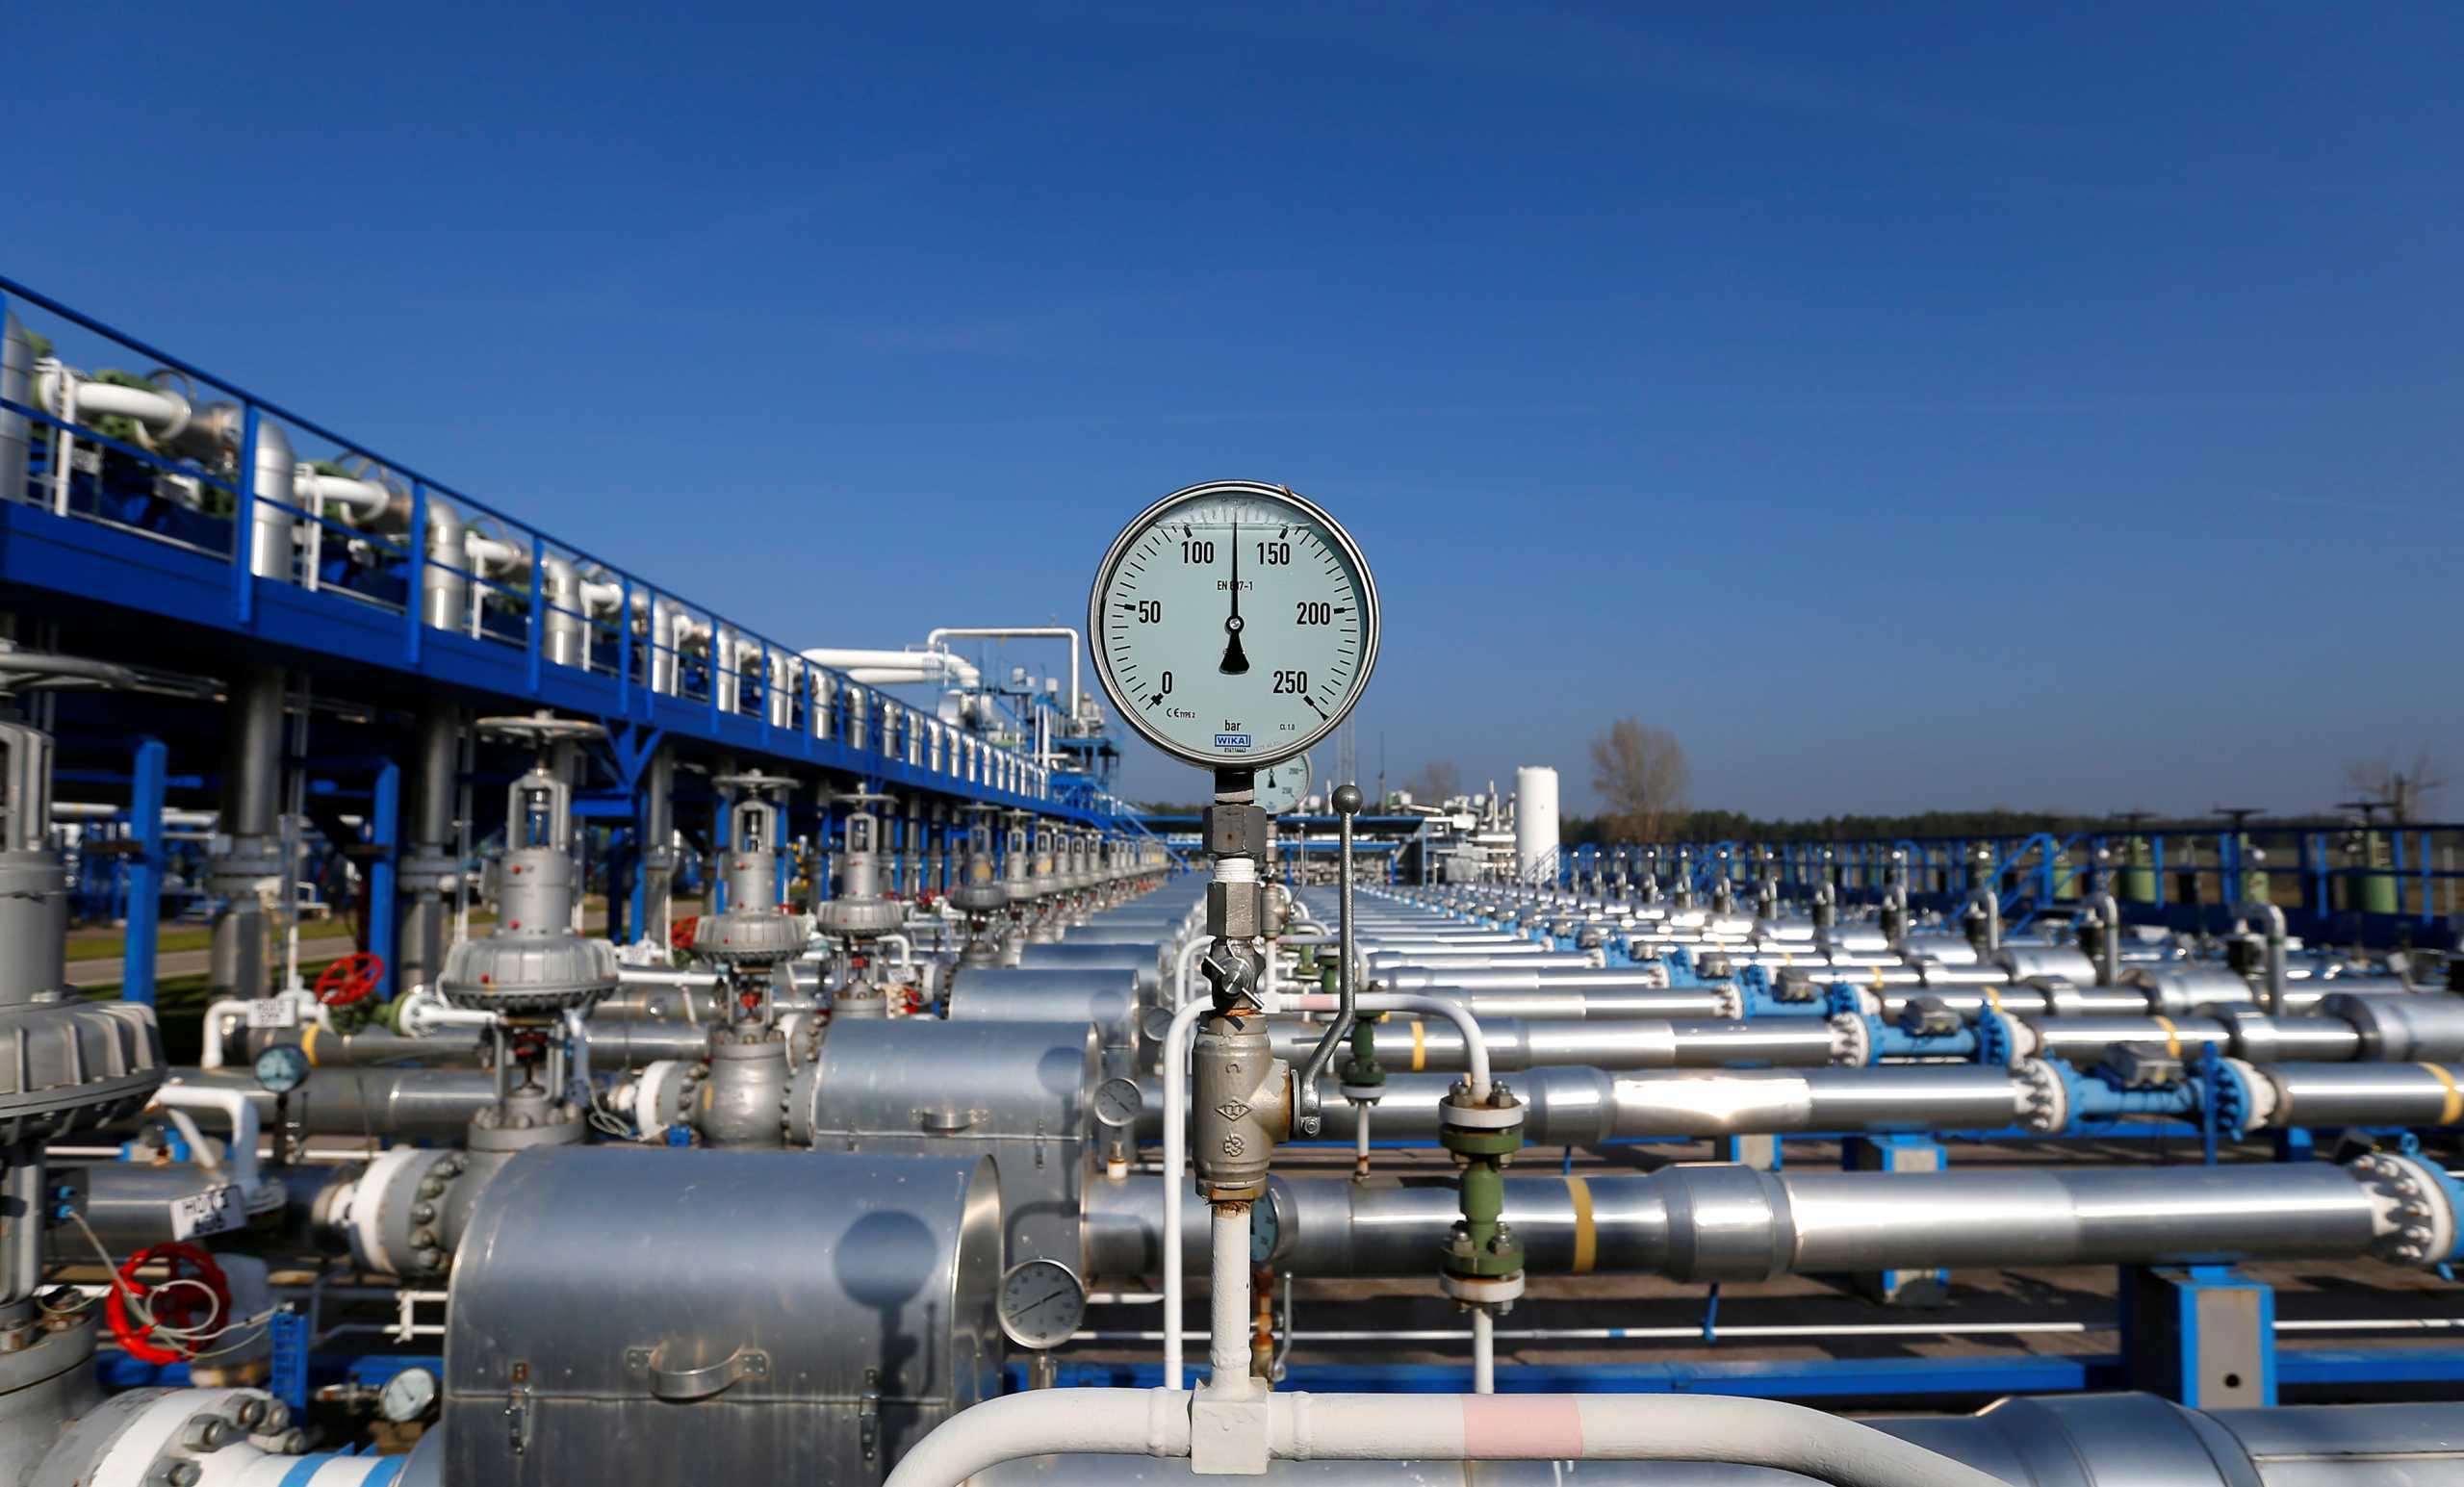 Φυσικό αέριο: Σε επίπεδα ρεκόρ η τιμή του – «Κίνηση πανικού και φόβου»